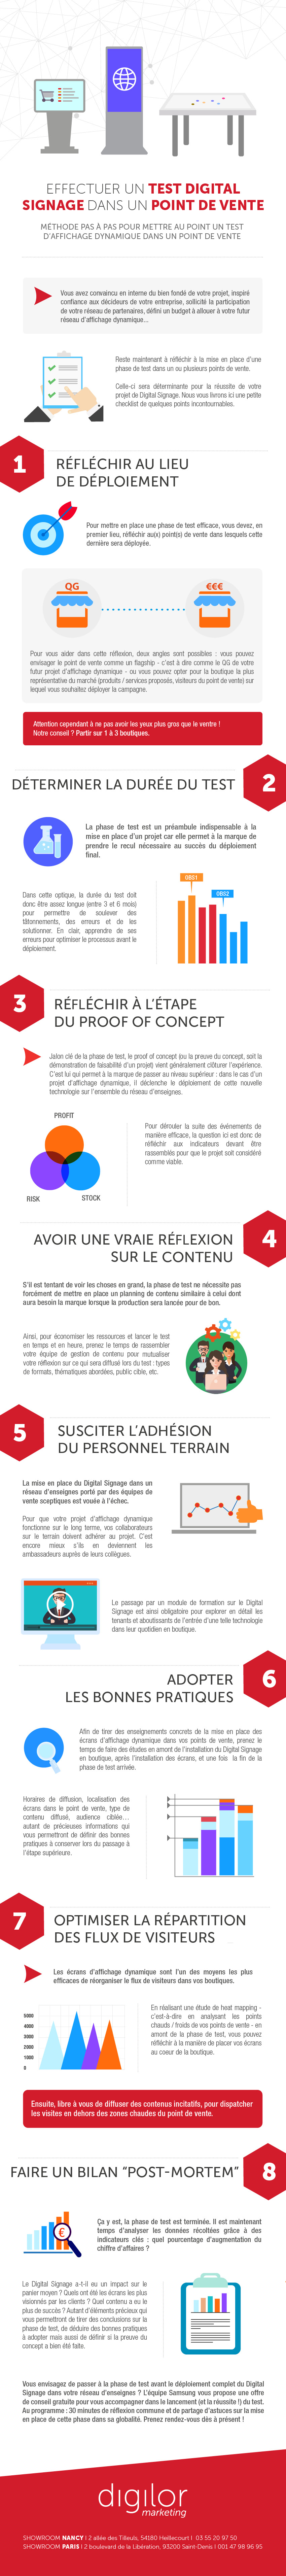 Infographie test affichage dynamique en point de vente